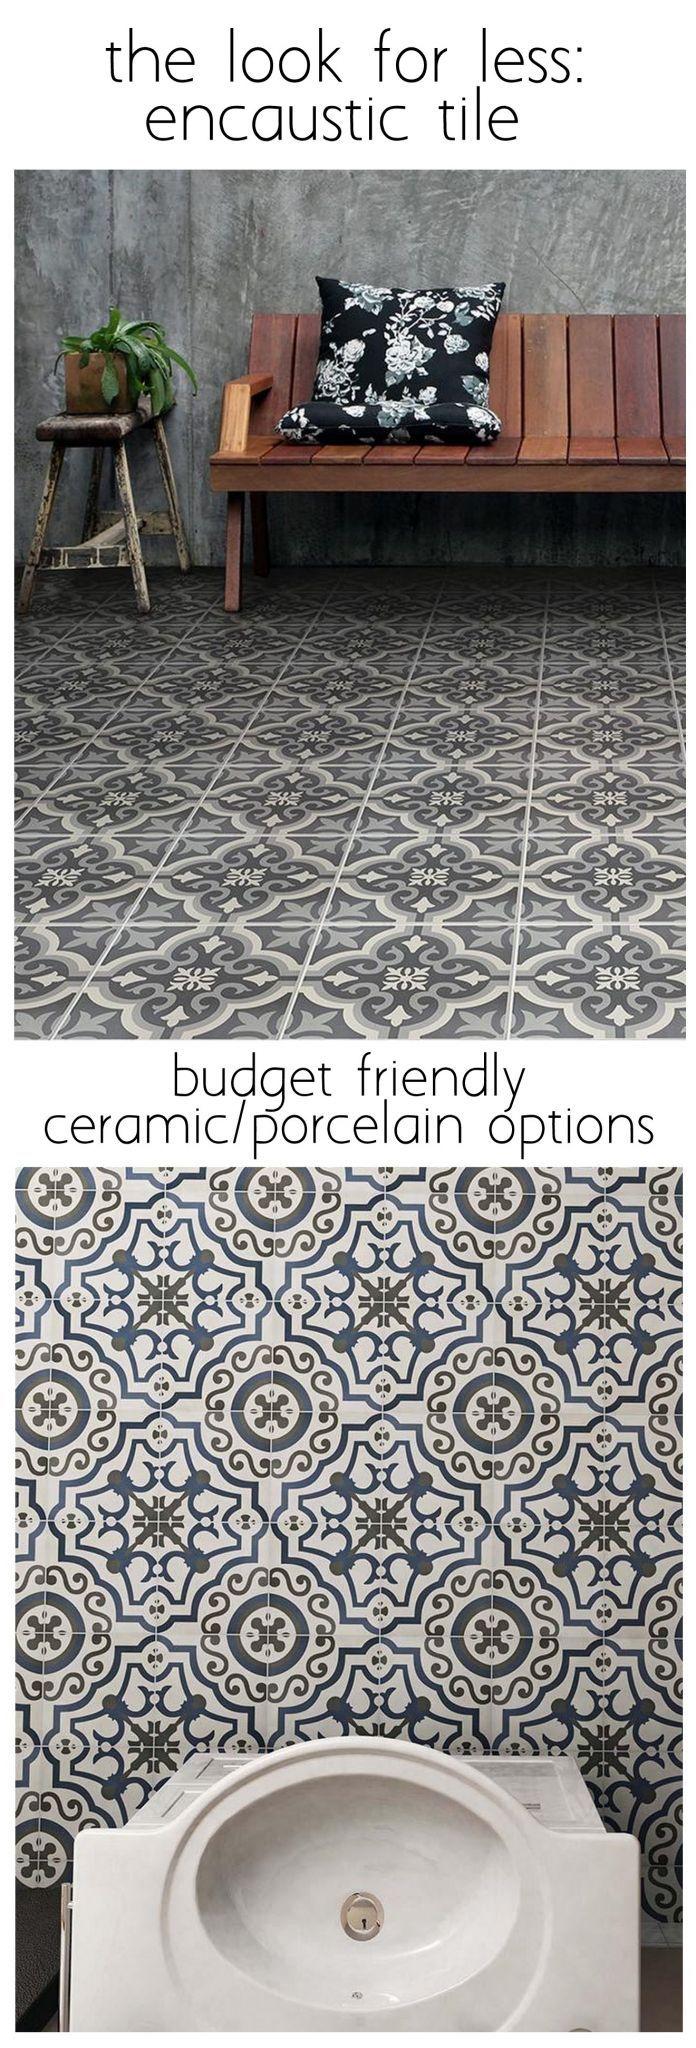 cement (encaustic) tile look for less